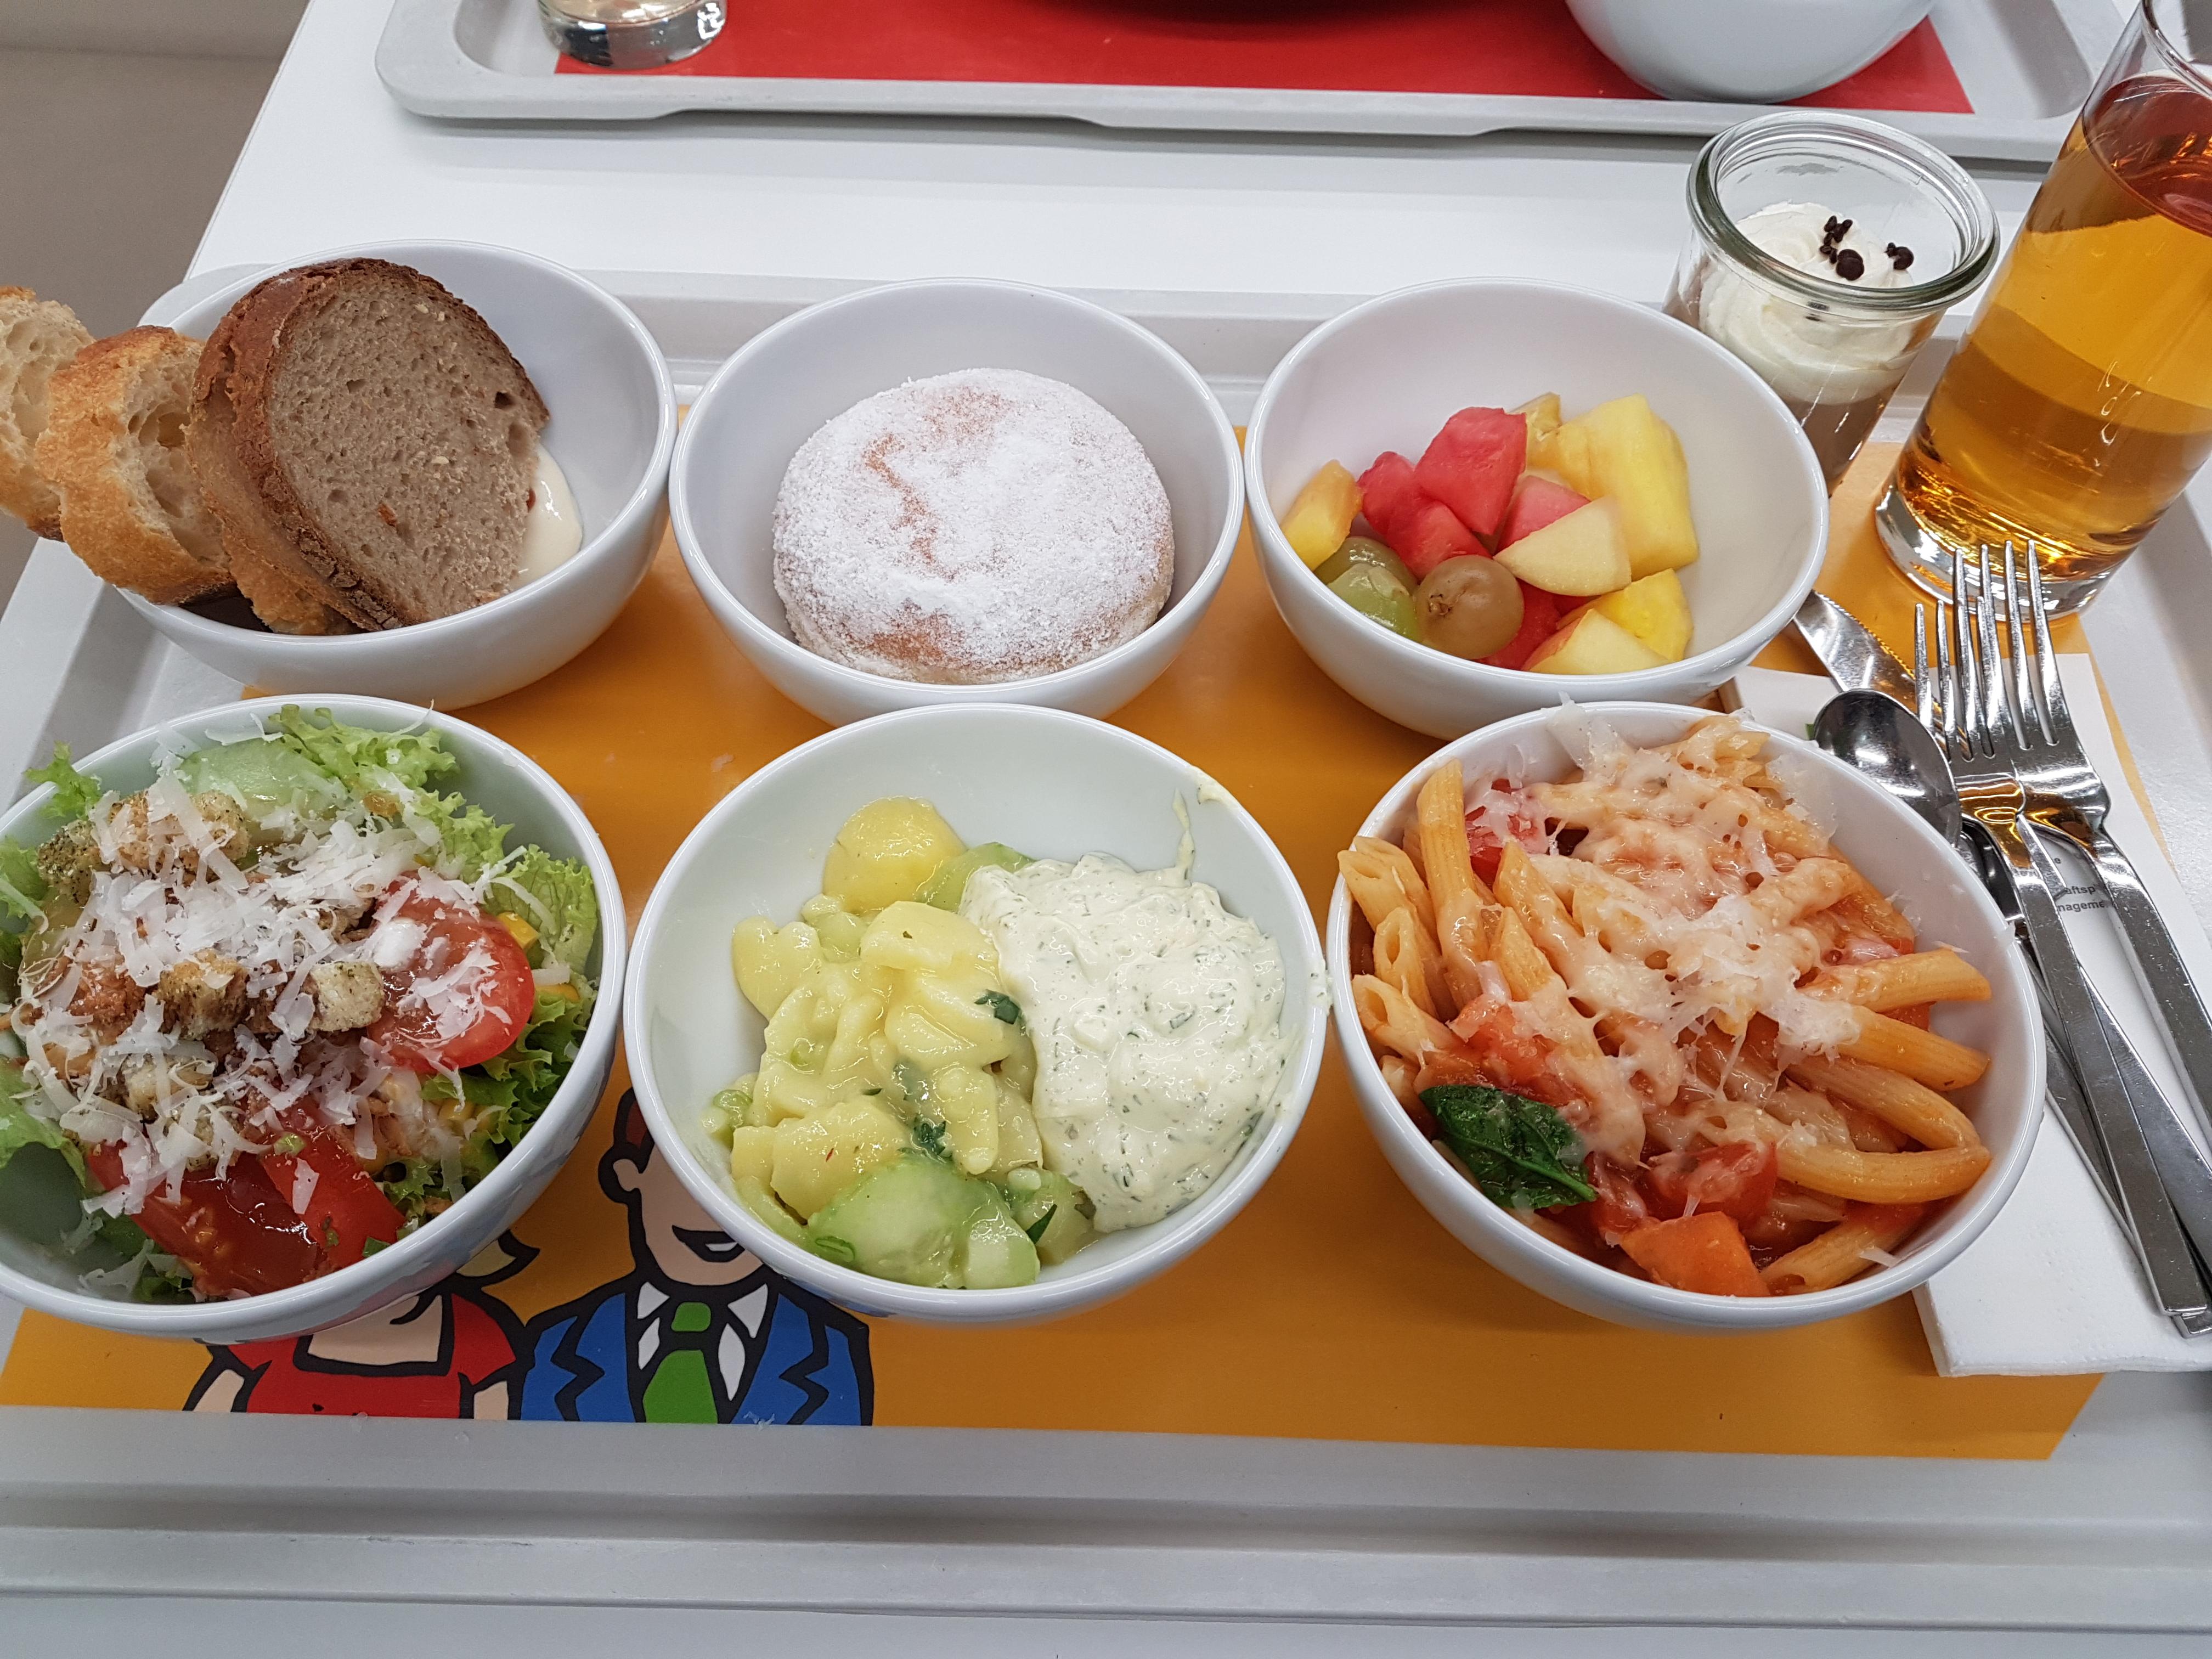 https://foodloader.net/Holz_2018-12-14_Mix.jpg